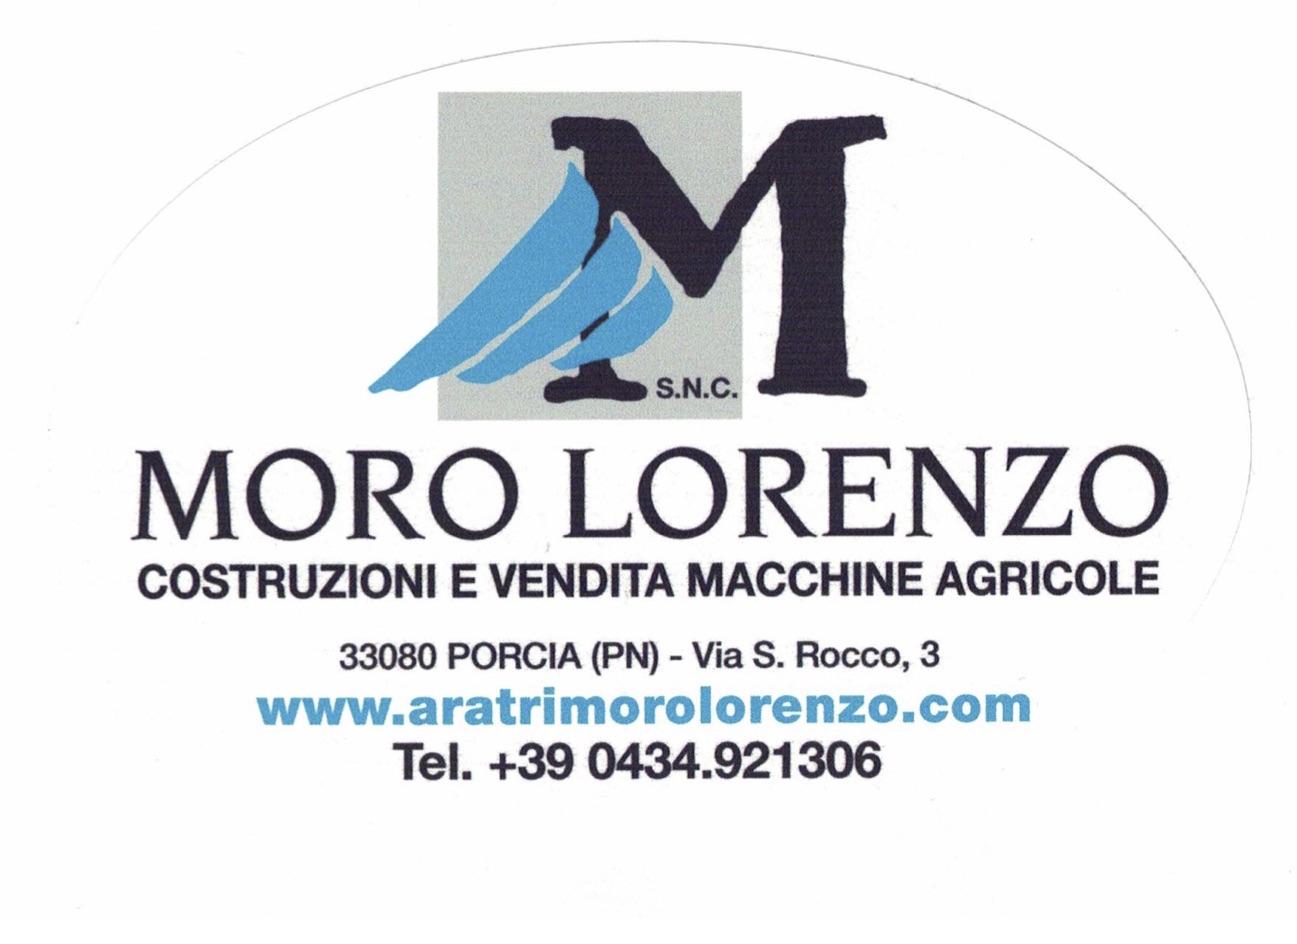 AratriMoro2